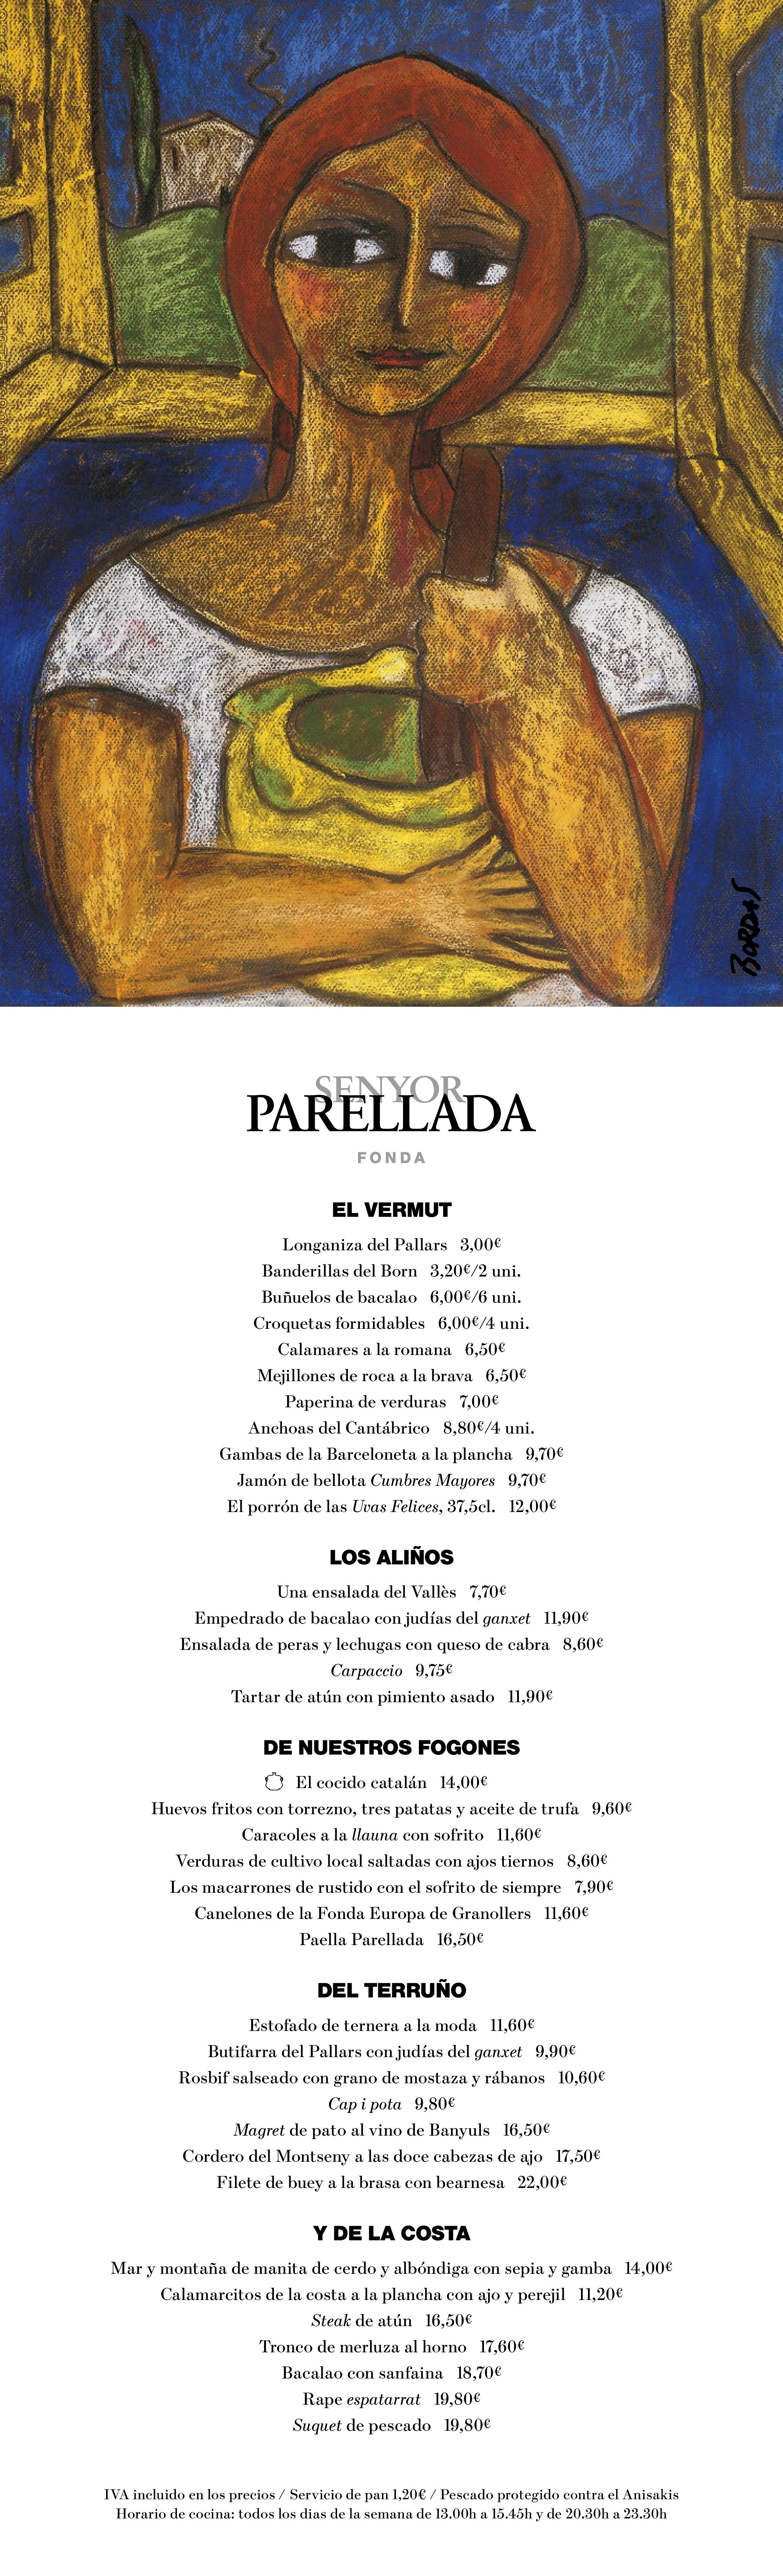 Senyor Parellada Carta